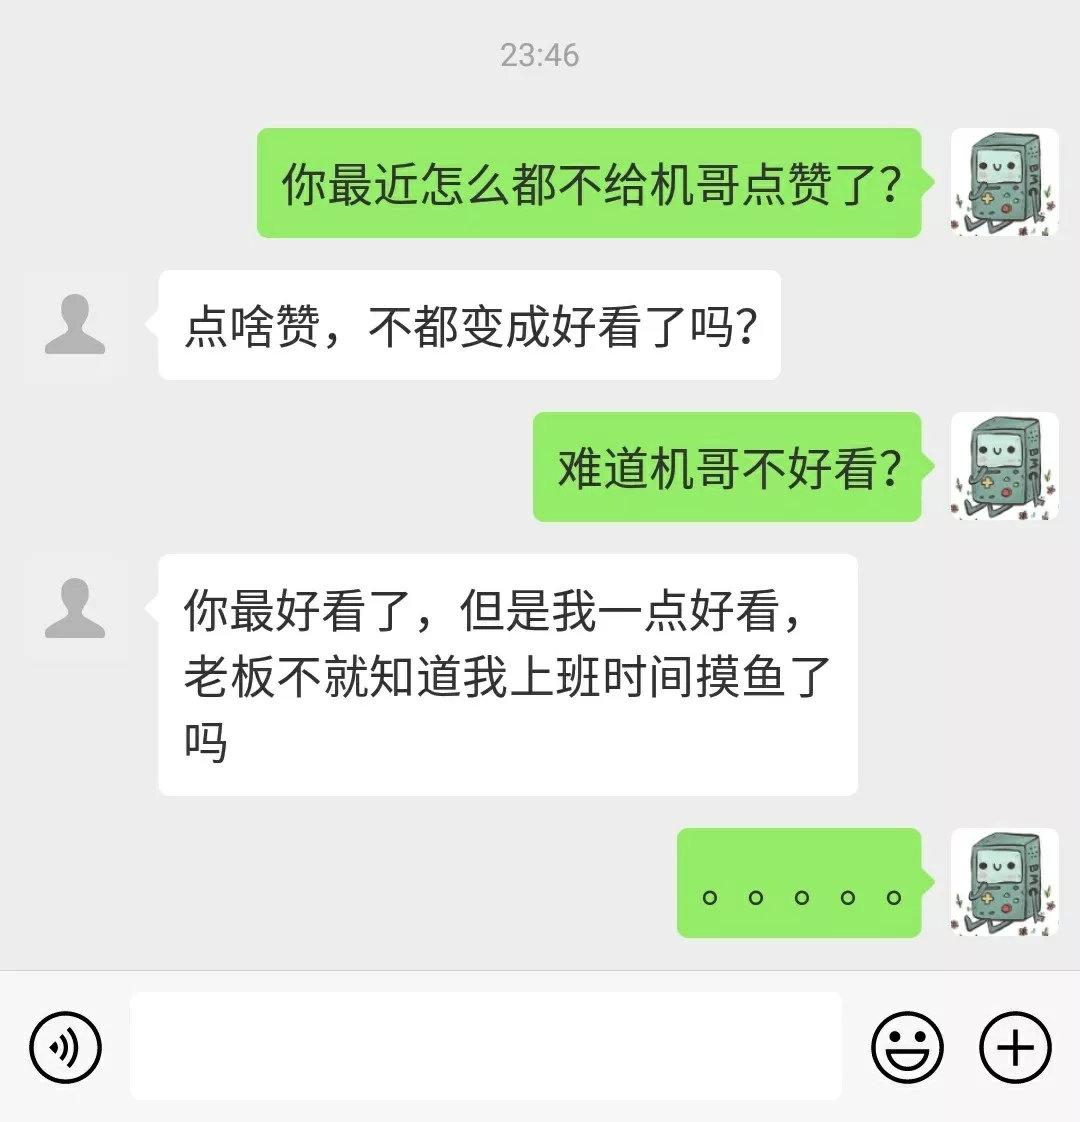 微信漂流瓶下线原因是什么,微信表情商店暂停恢复时间,微信新版本更新时间